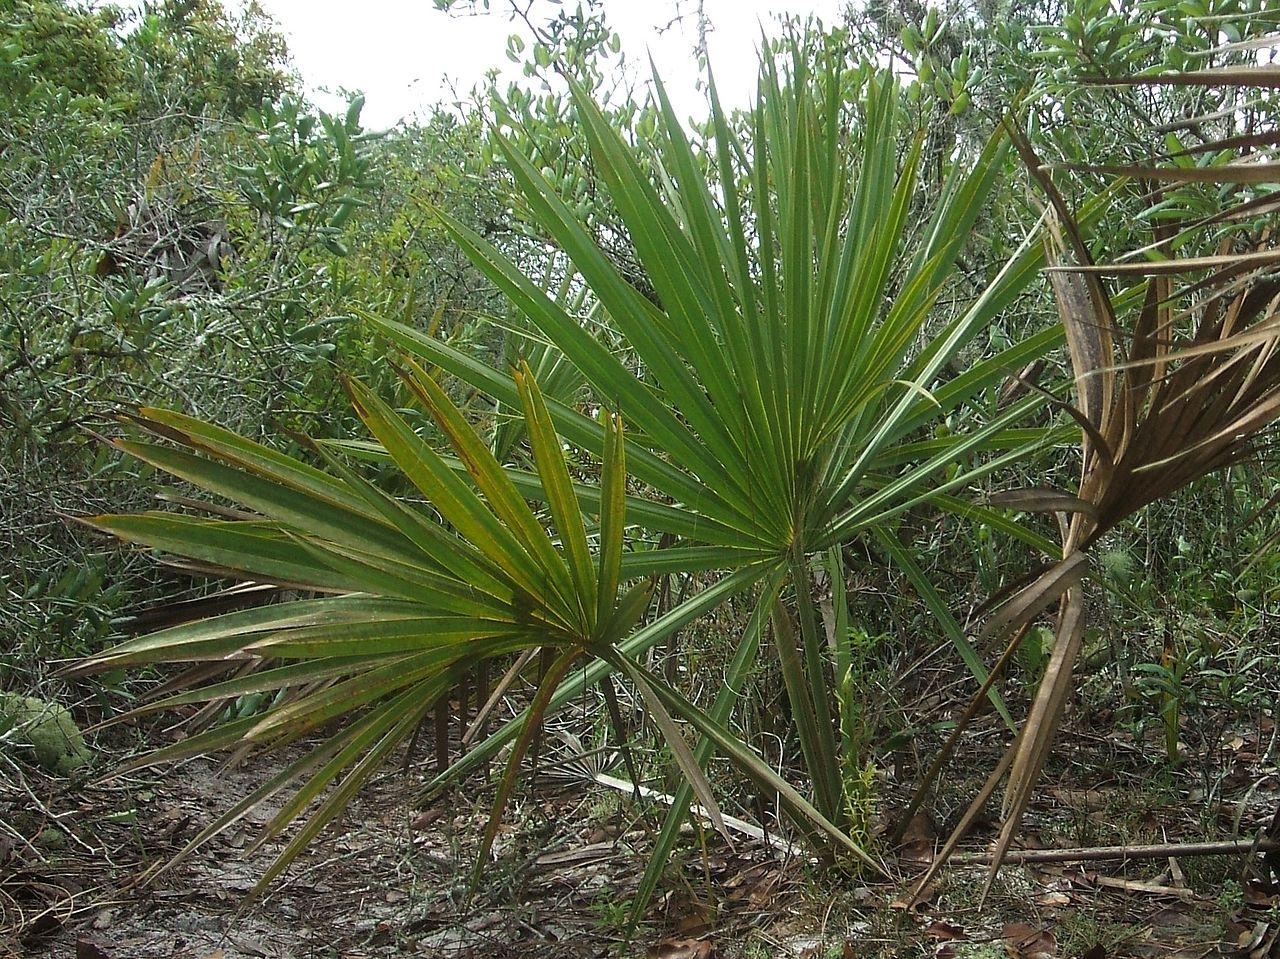 El Sabal etonia es una palmera nativa de Florida